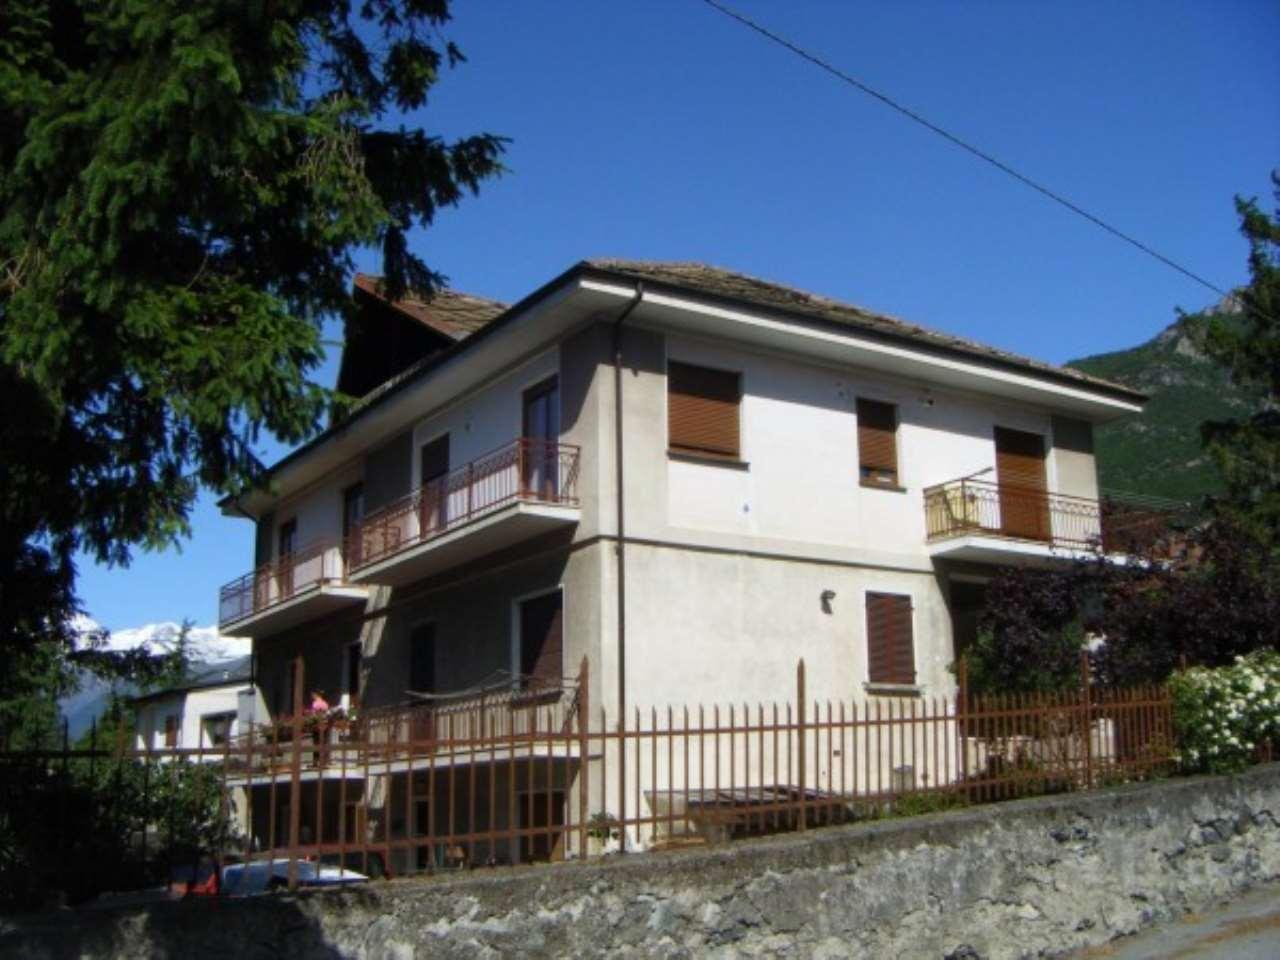 Appartamento in vendita a Bussoleno, 9999 locali, prezzo € 89.000 | CambioCasa.it